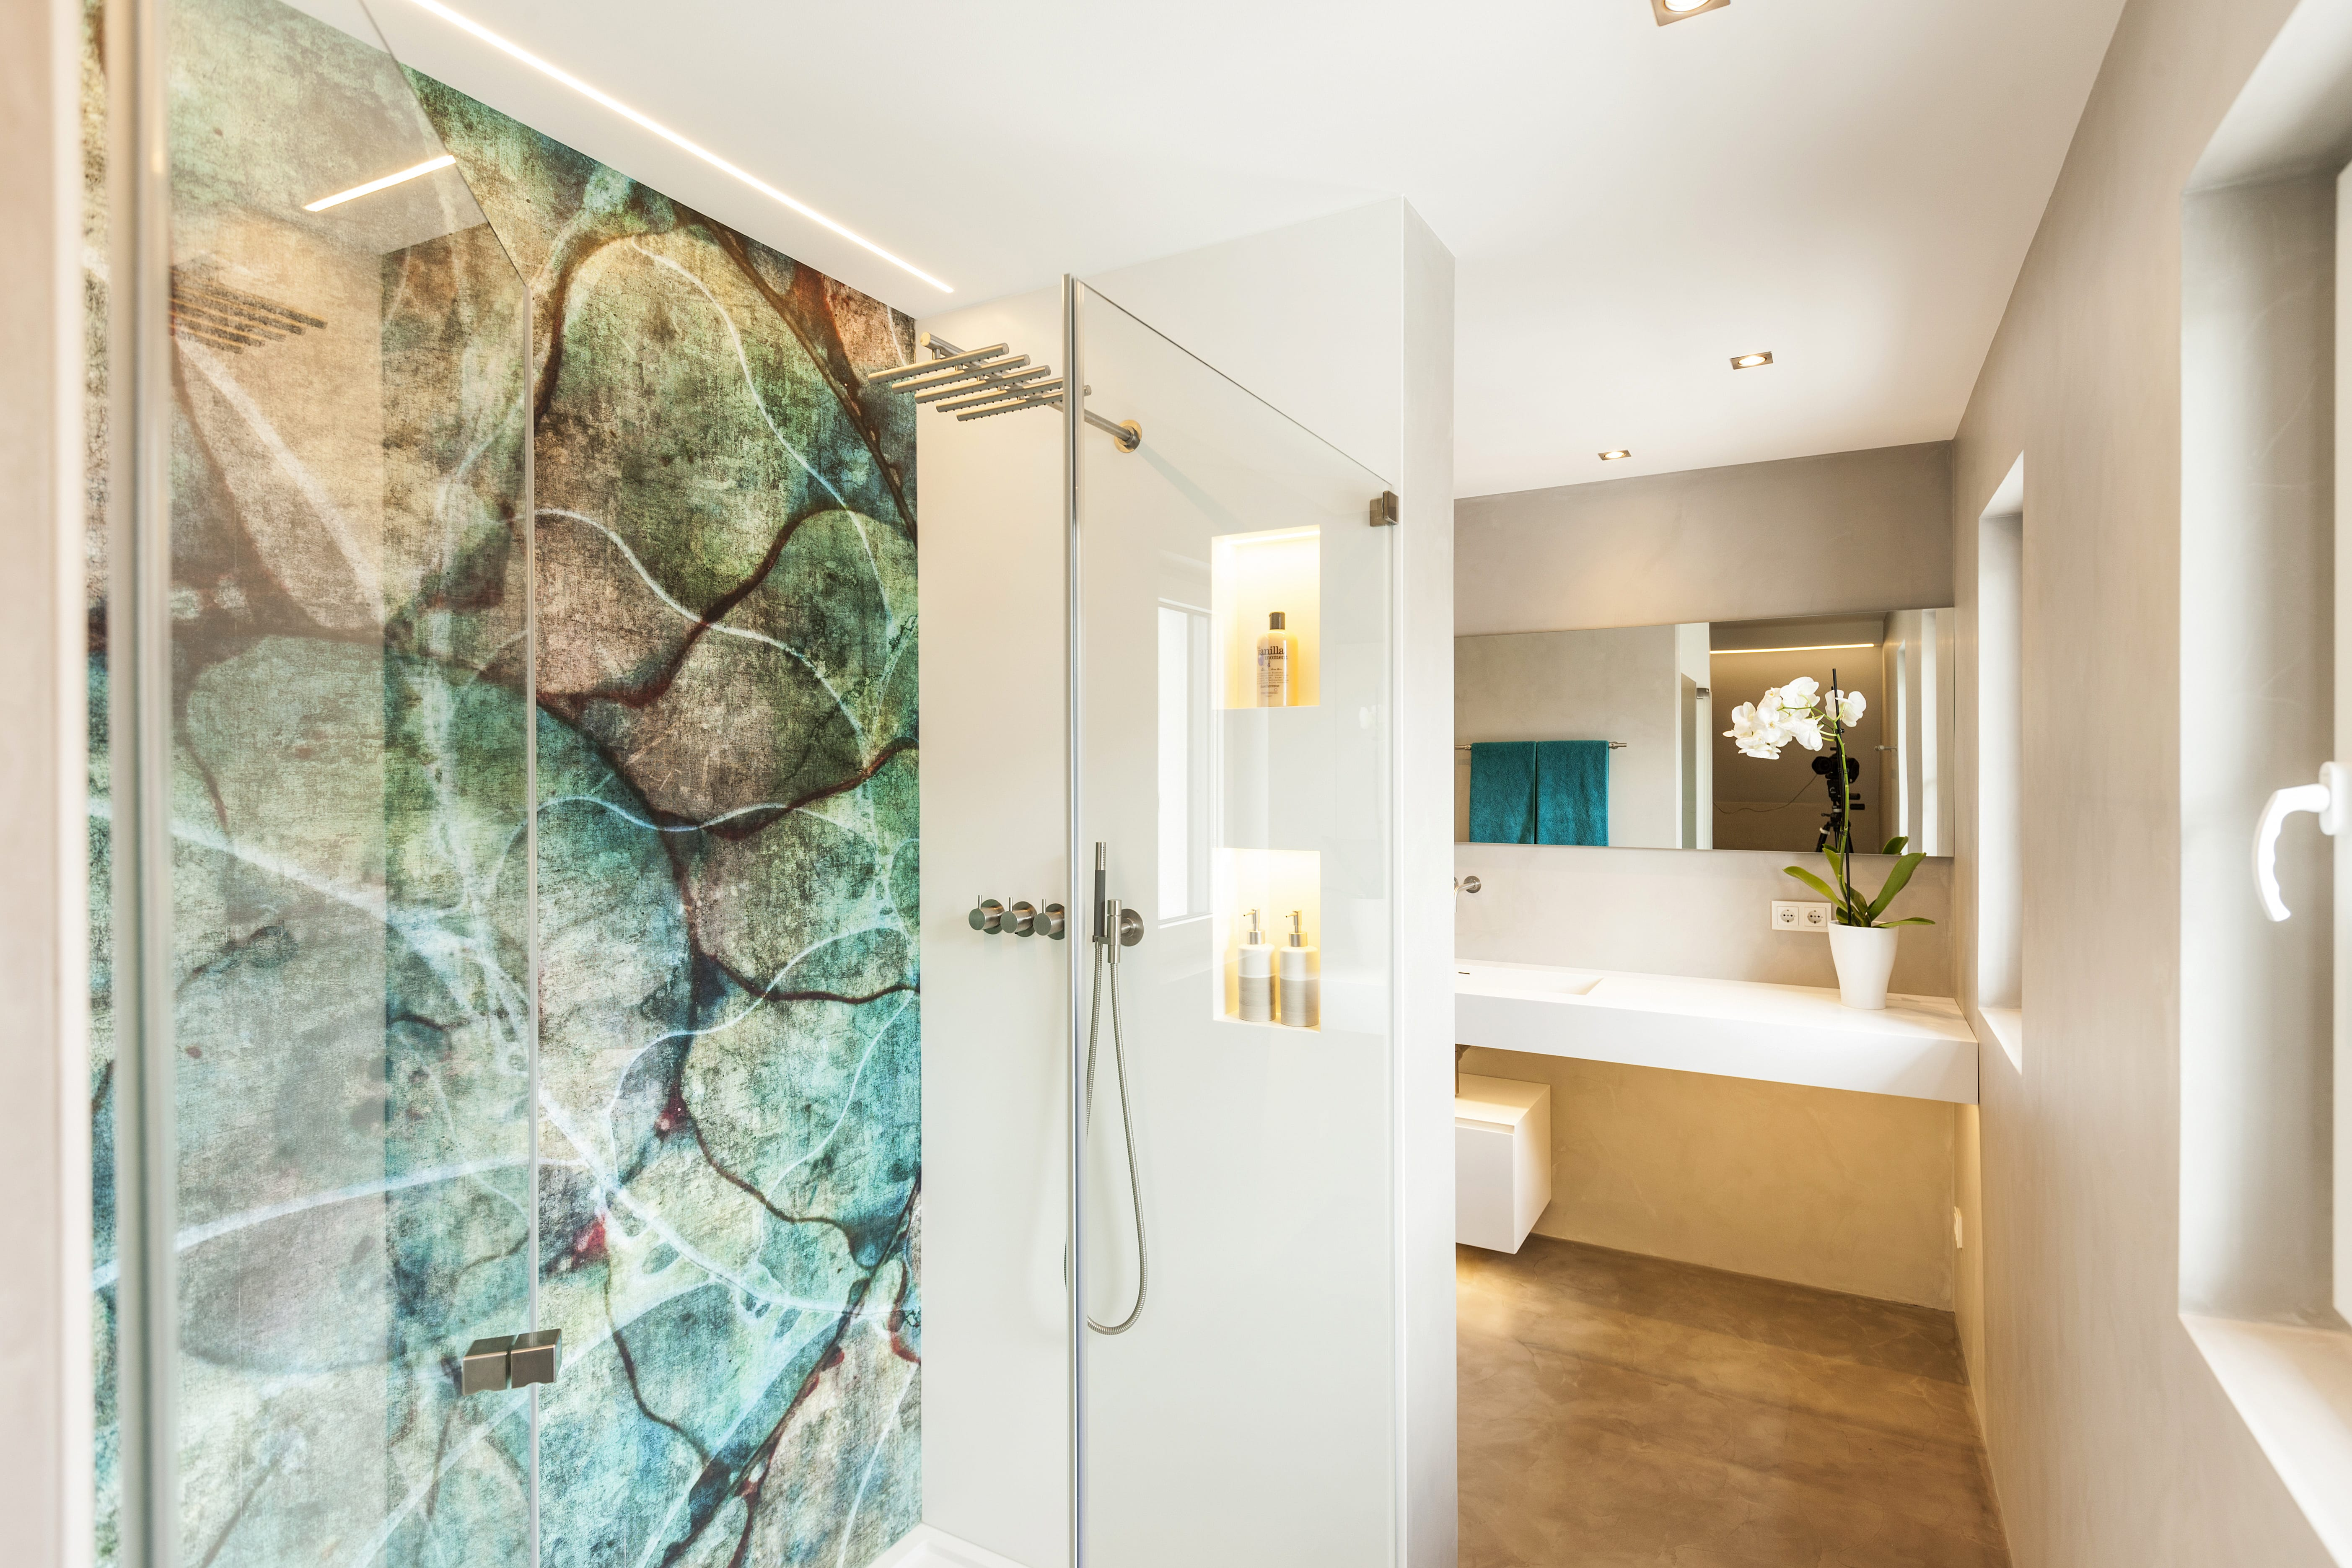 Bad ohne Fliesen - DER GESTALTUNGSMALER